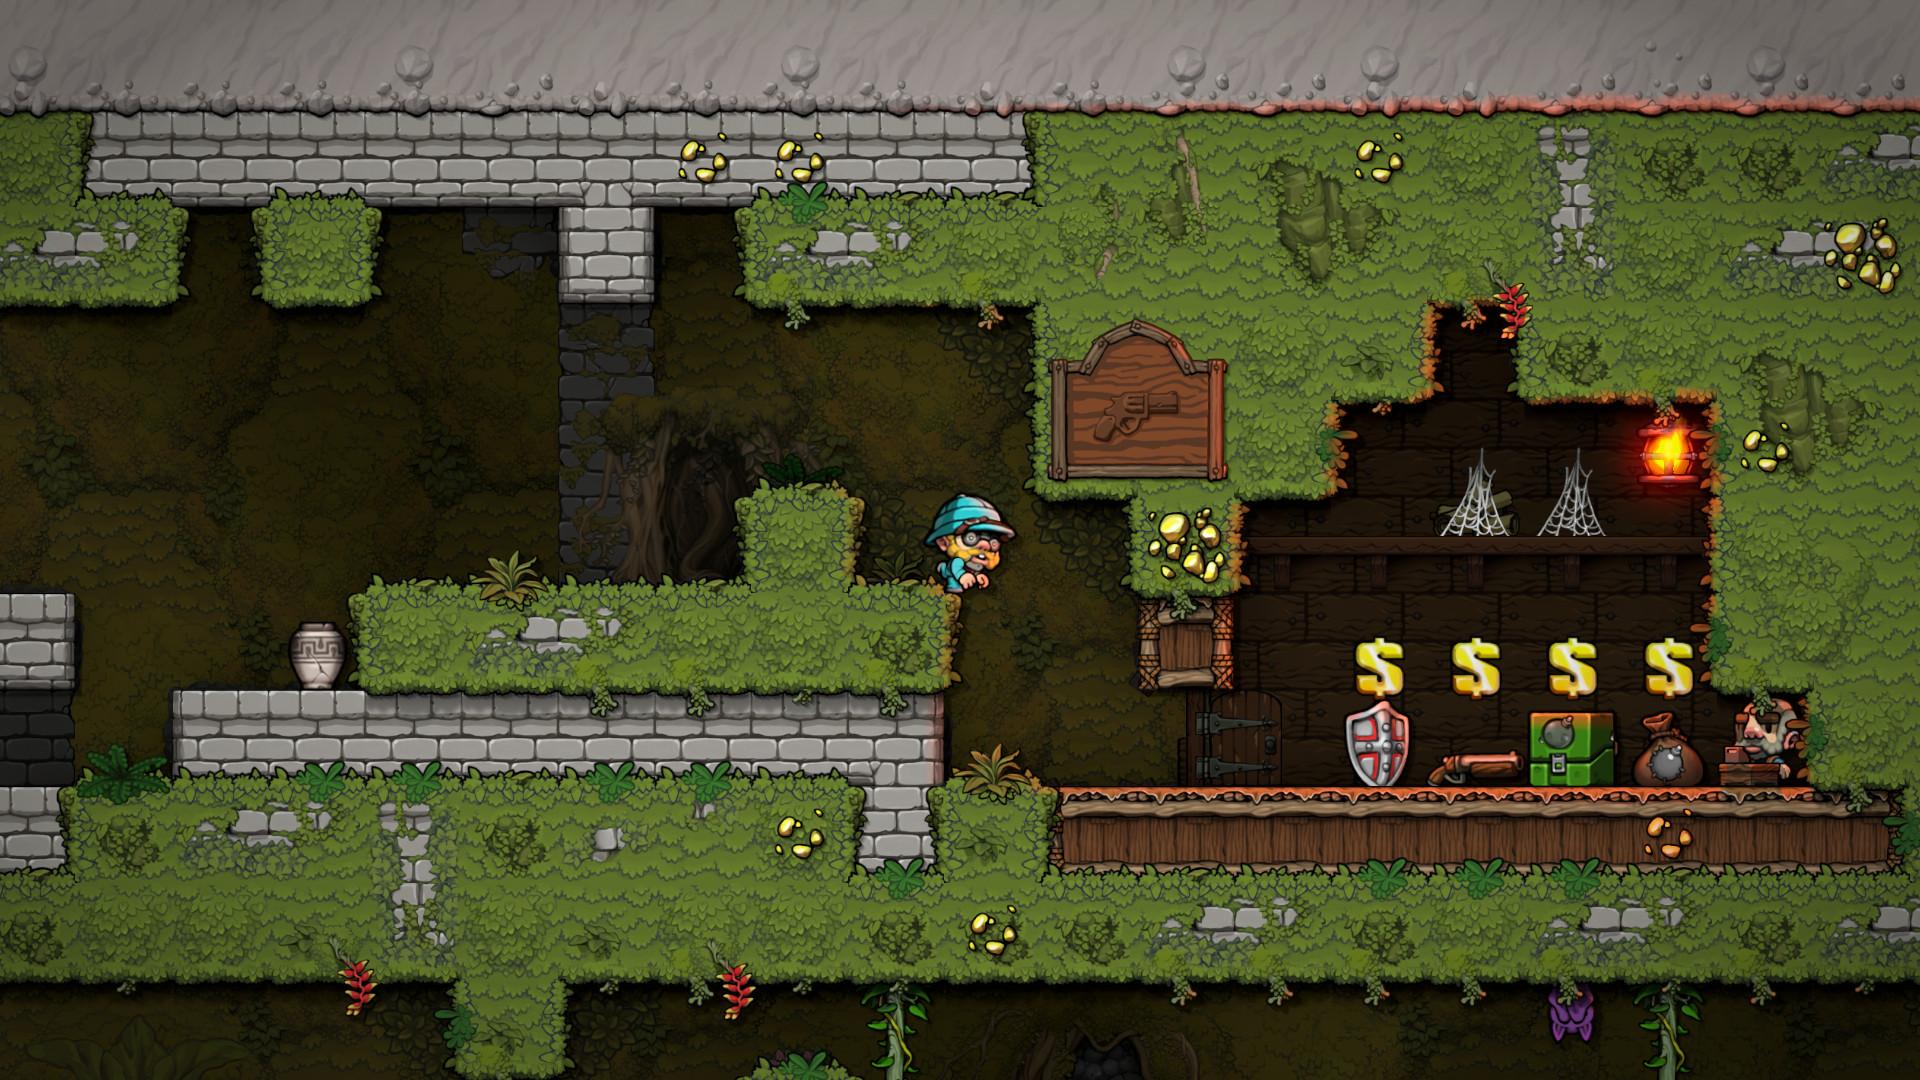 《洞穴探险2》PC版多人模式计划于12月初推出